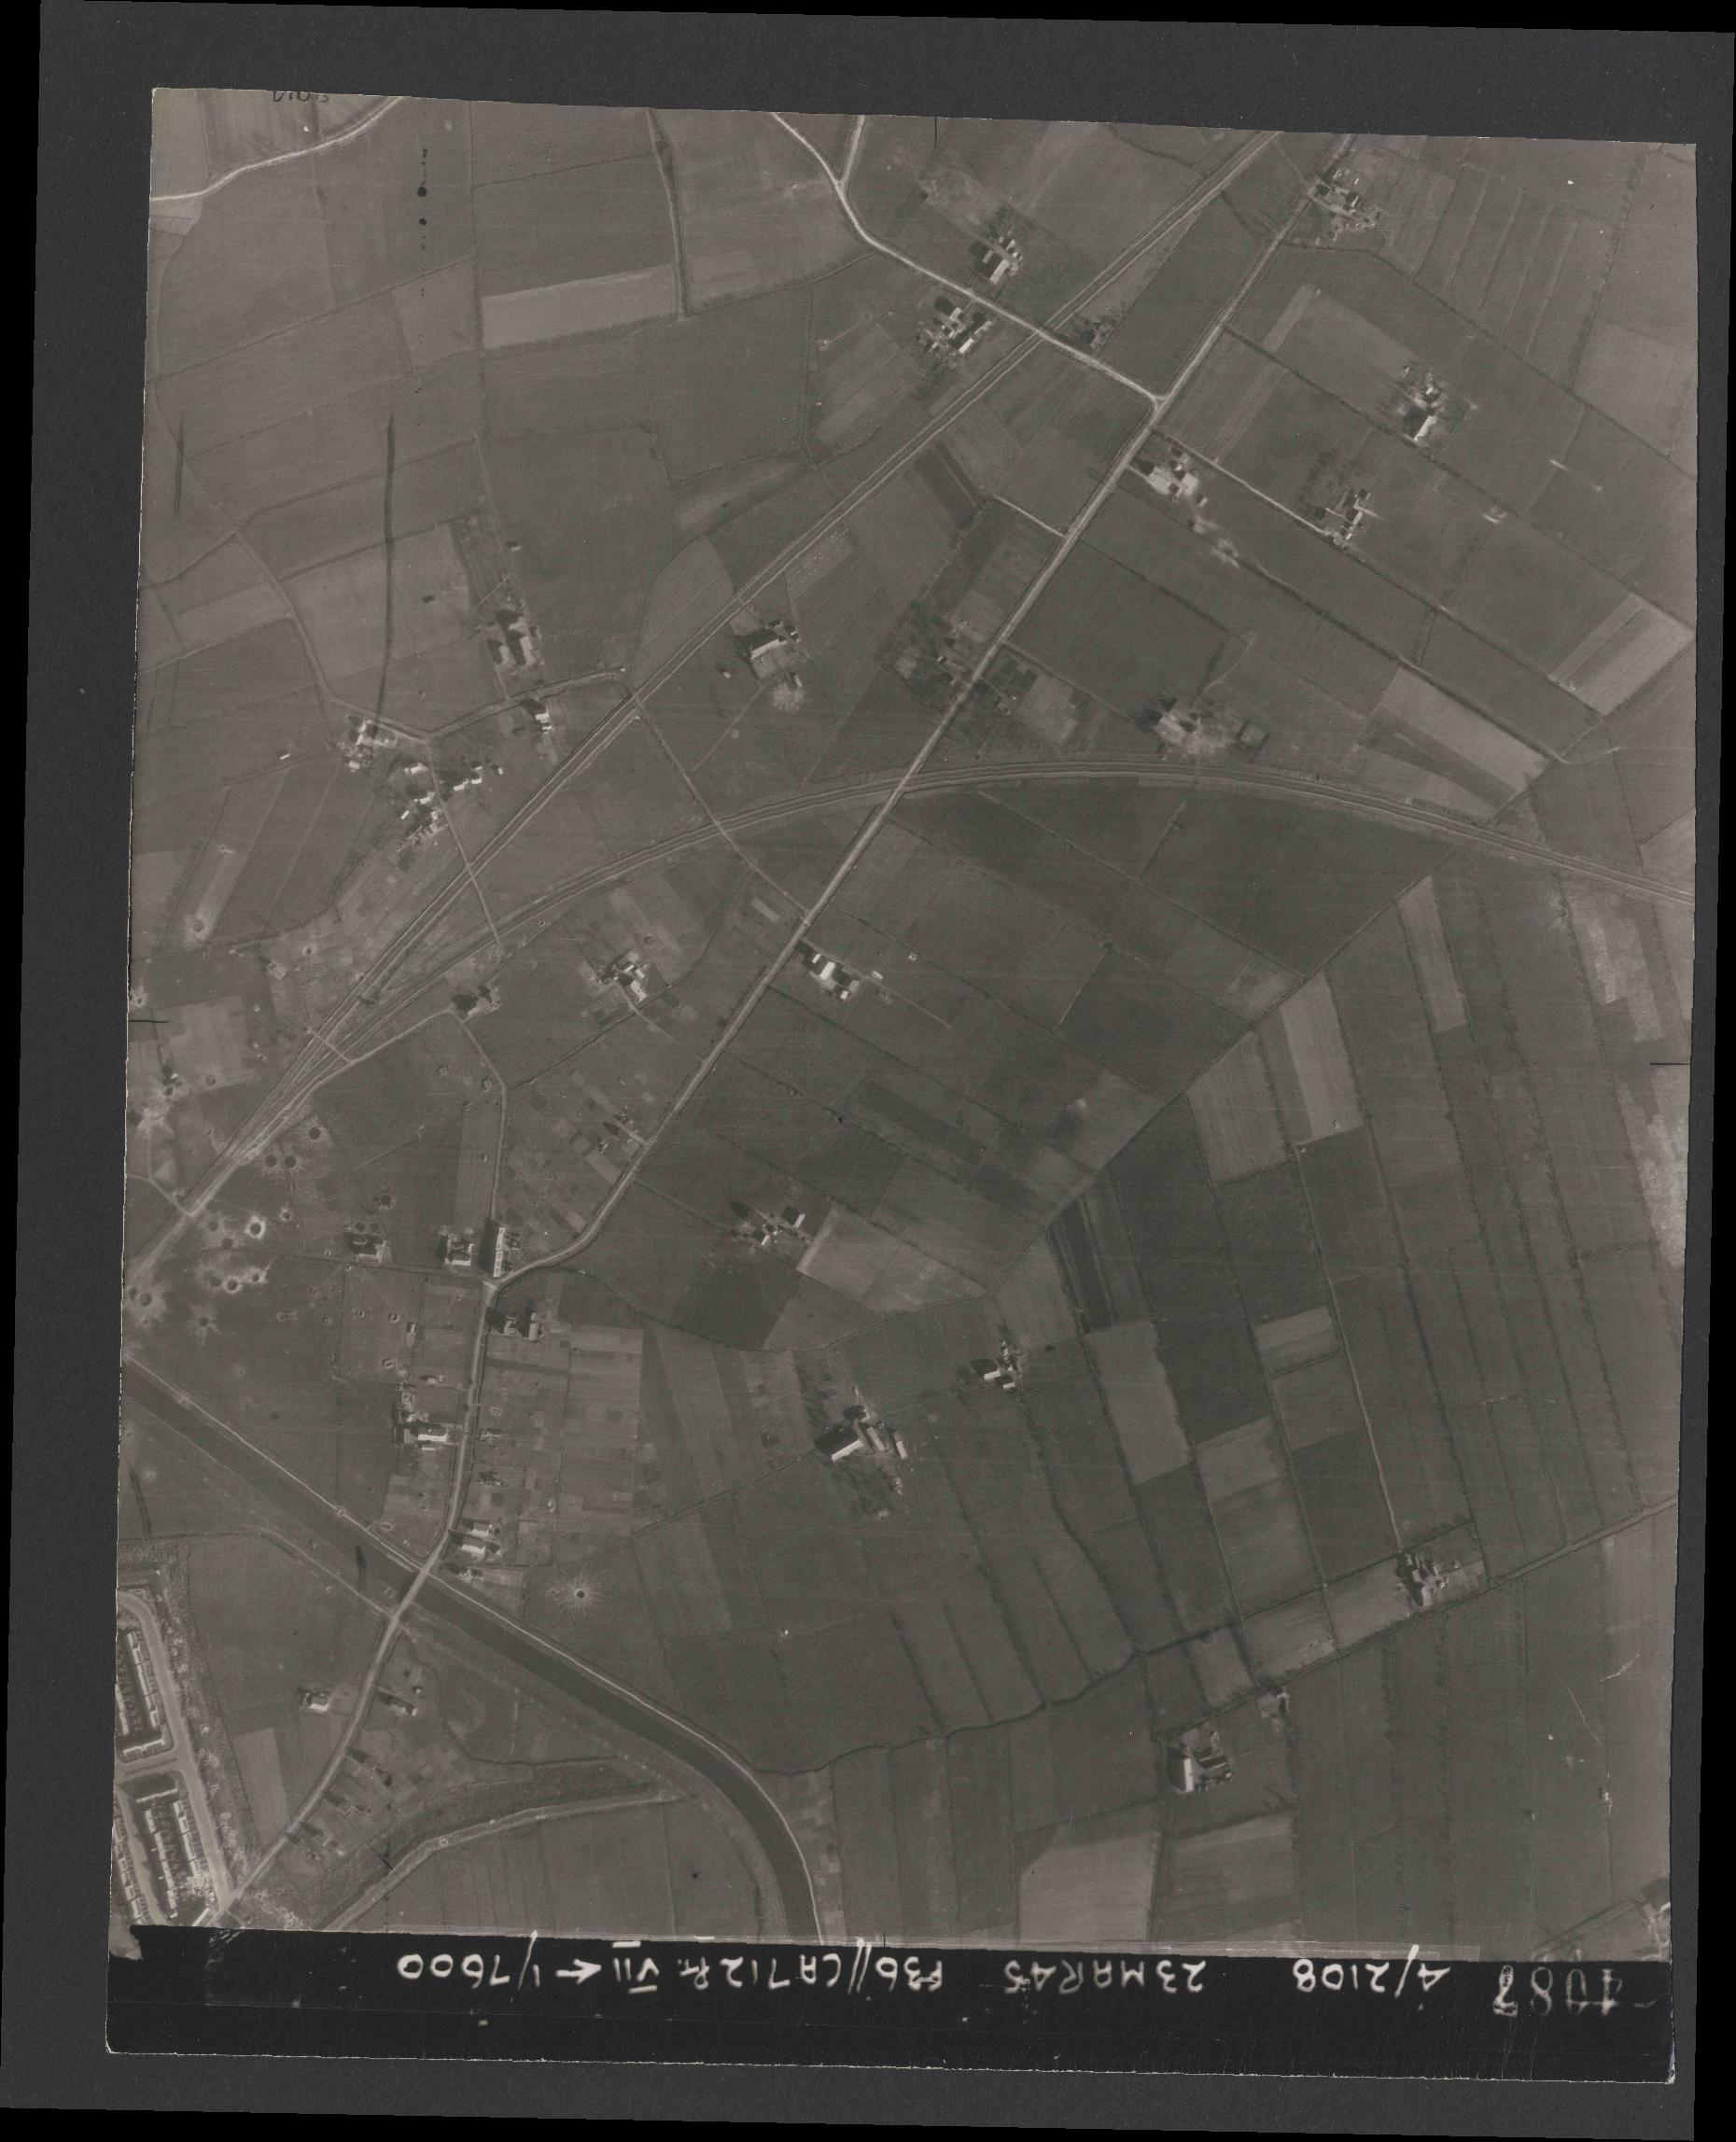 Collection RAF aerial photos 1940-1945 - flight 104, run 10, photo 4087